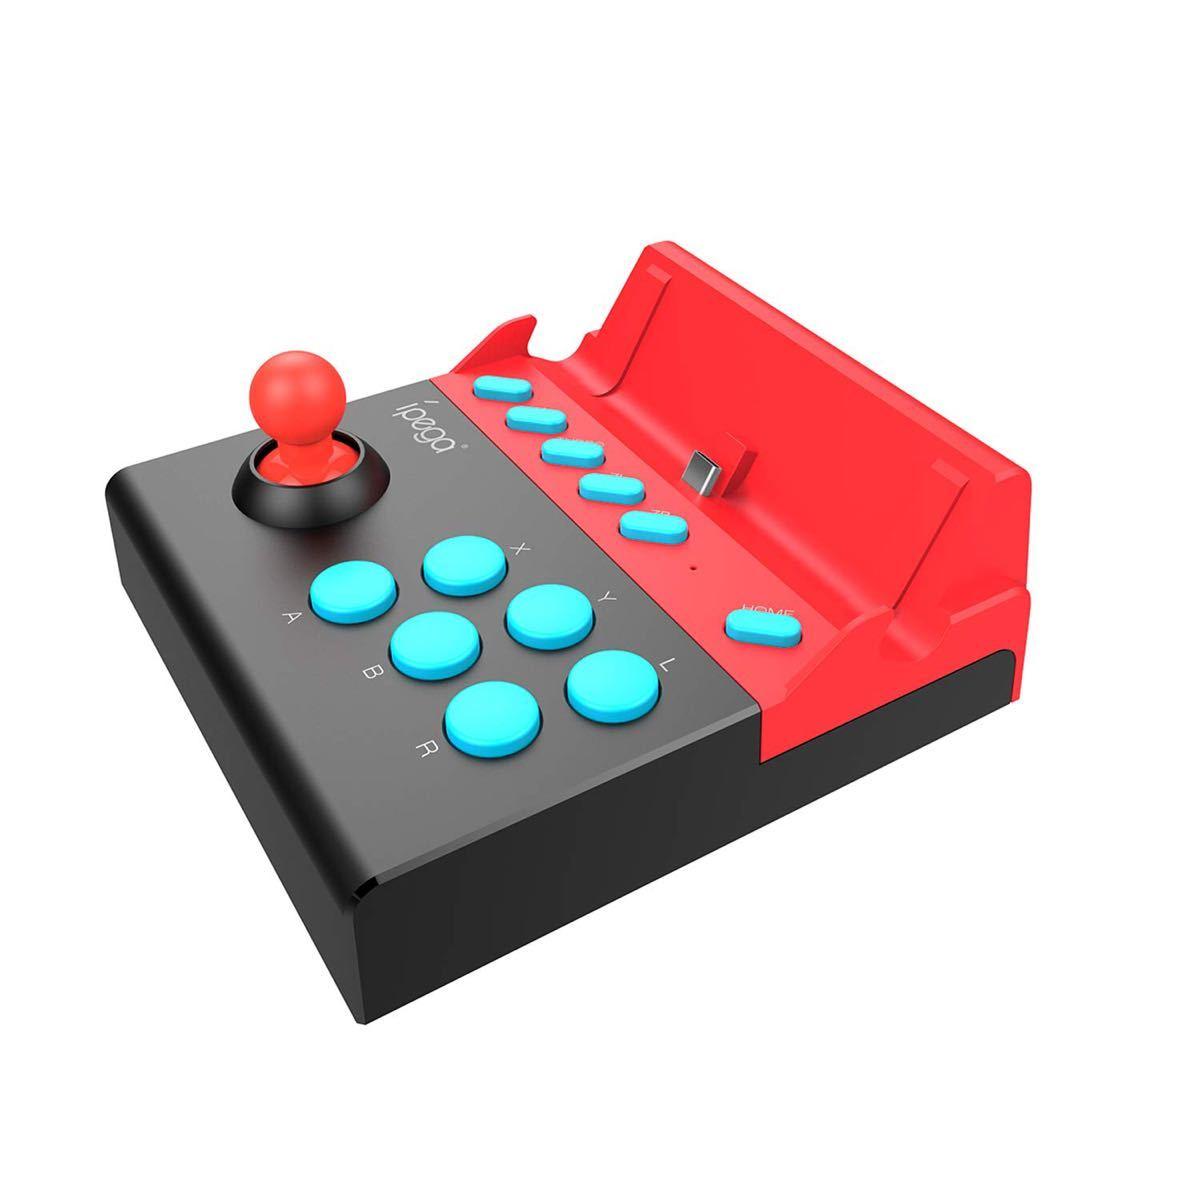 Switch 小型アーケード ミニアケコン格闘ゲームコントローラー